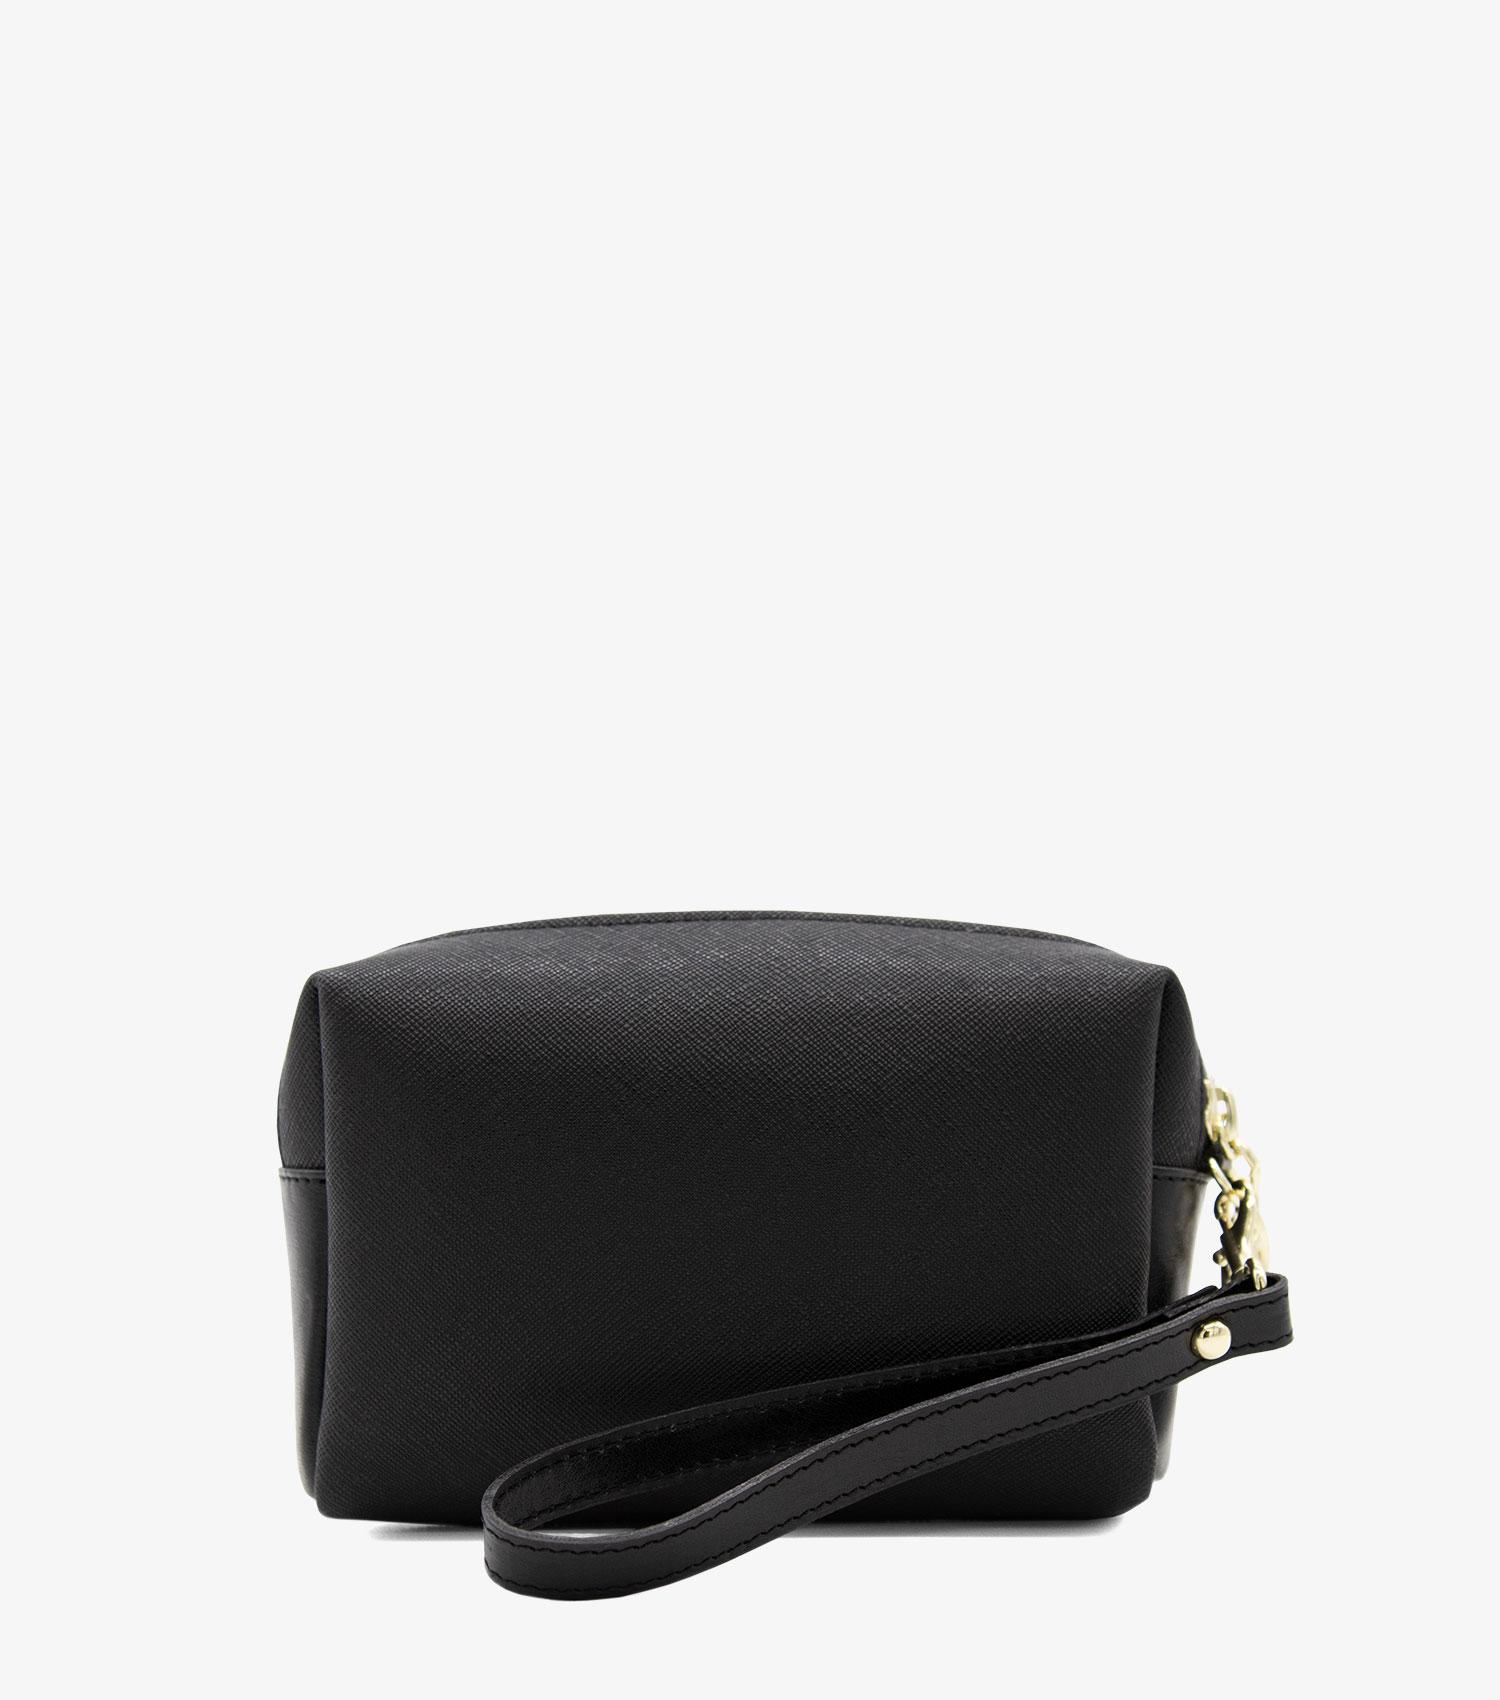 Di Cavaleiro Cosmetics Bag